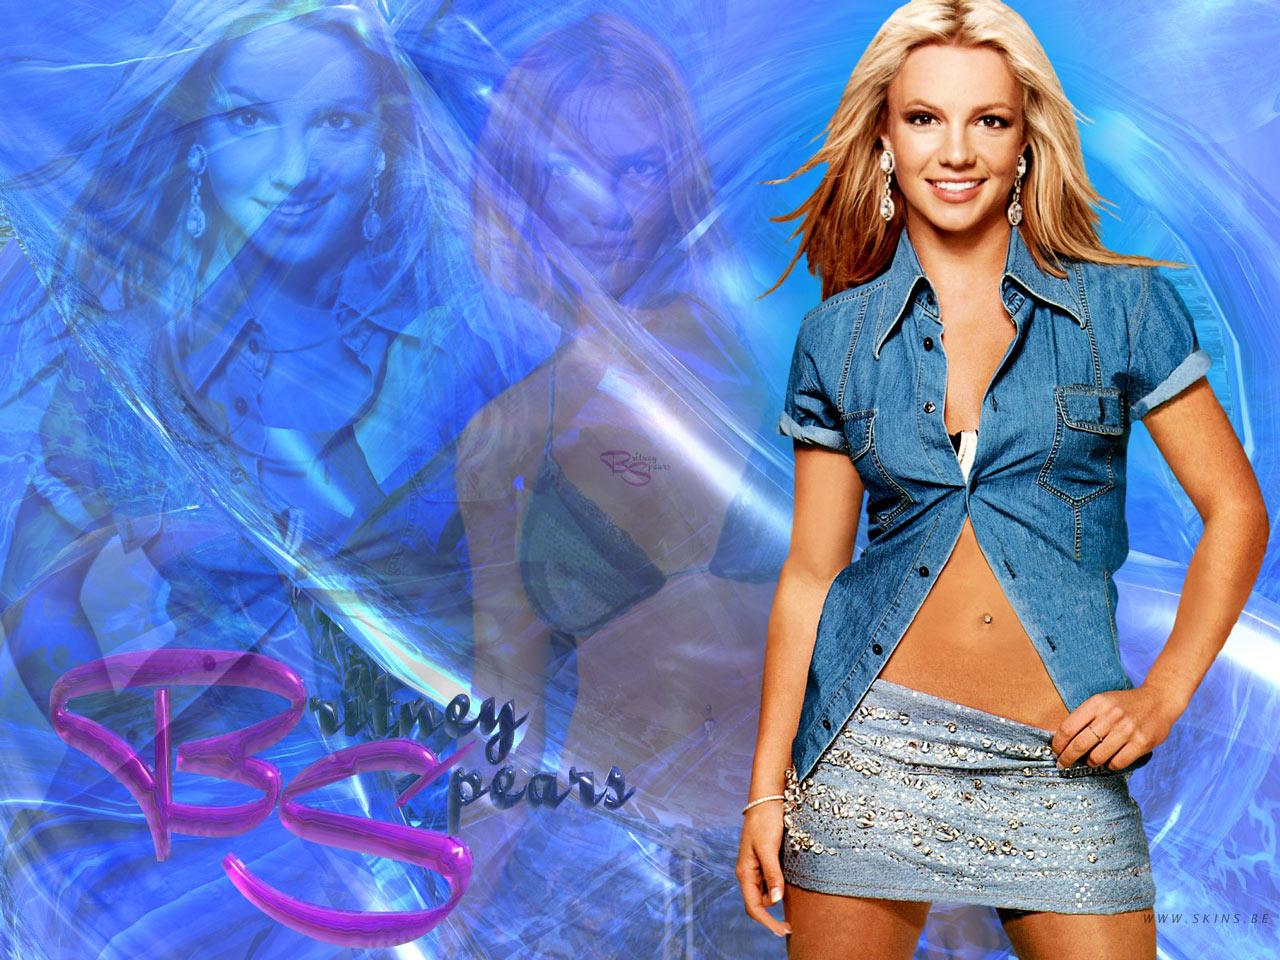 http://4.bp.blogspot.com/-fsJ69rwFumY/TVOIcR90msI/AAAAAAAACmw/t_KcEASC1Gc/s1600/Britney+Spears+%252878%2529.jpg